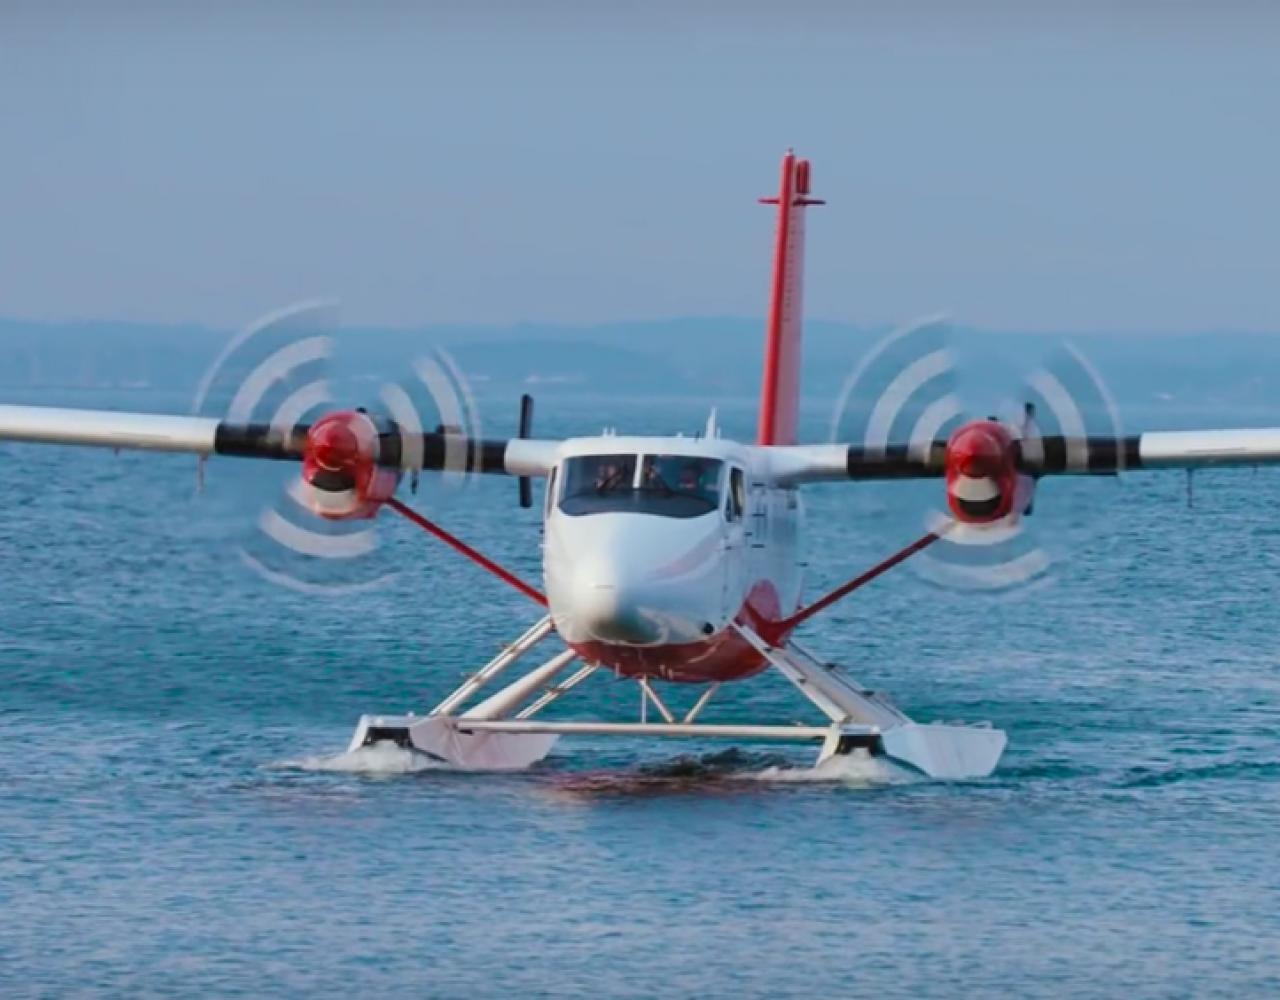 vandflyver nordic seaplanes